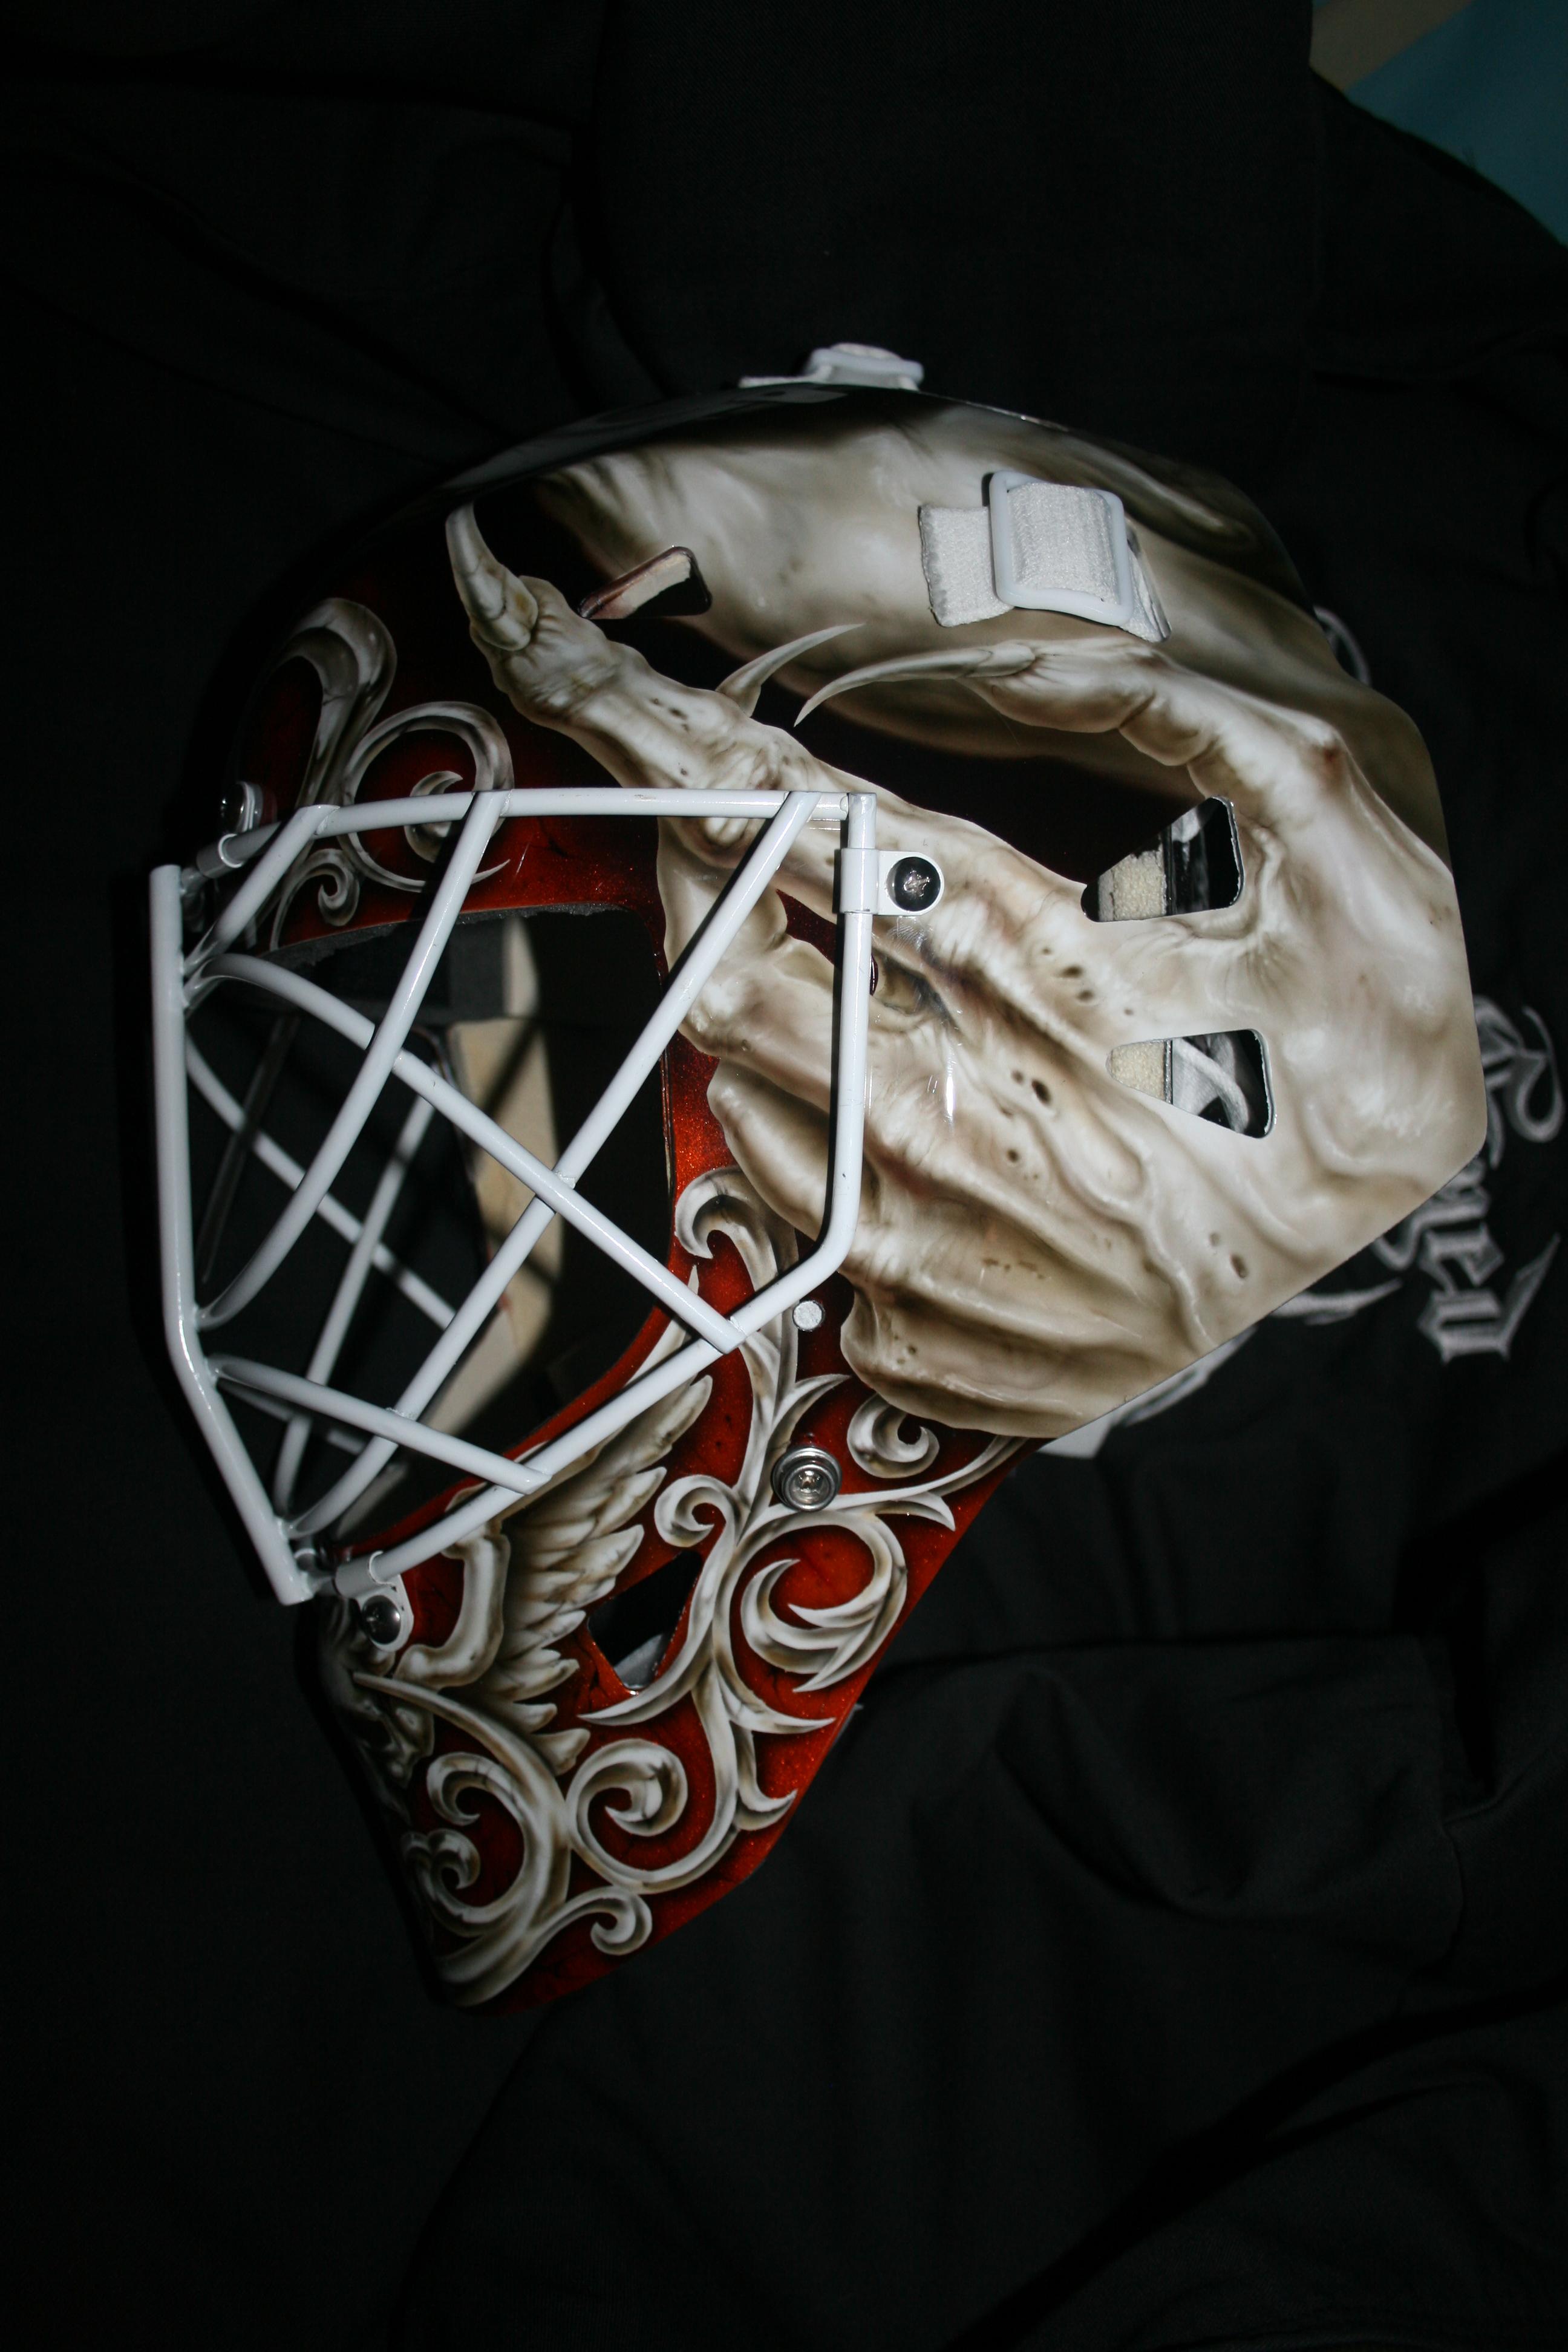 Curtis McElhinney Anaheim Ducks 2